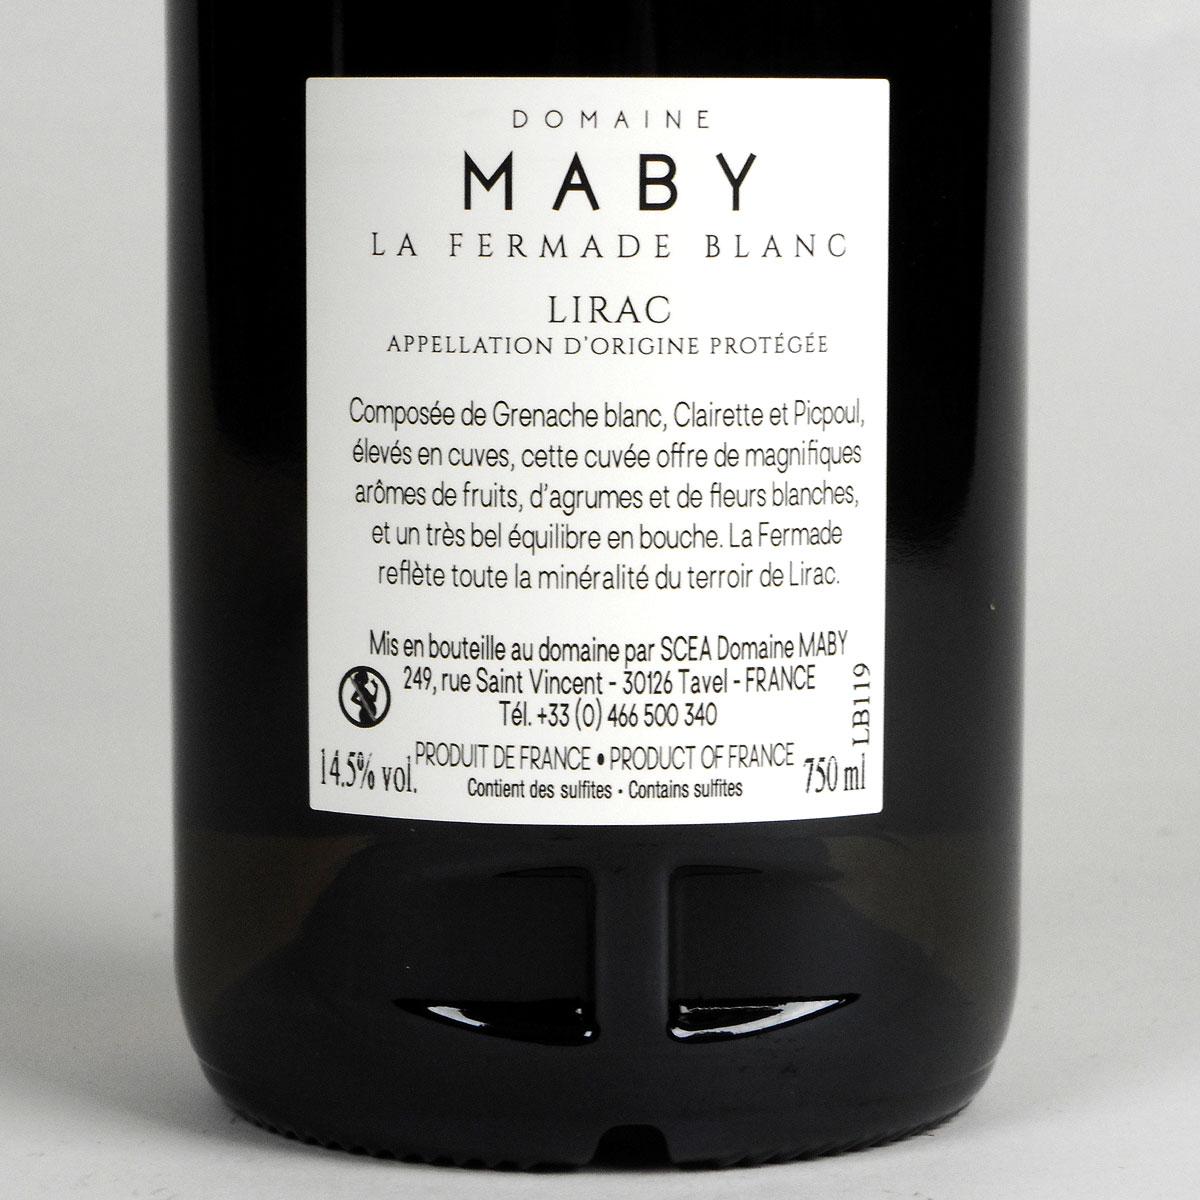 Lirac: Domaine Maby 'La Fermade' Blanc 2019 - Bottle Rear Label